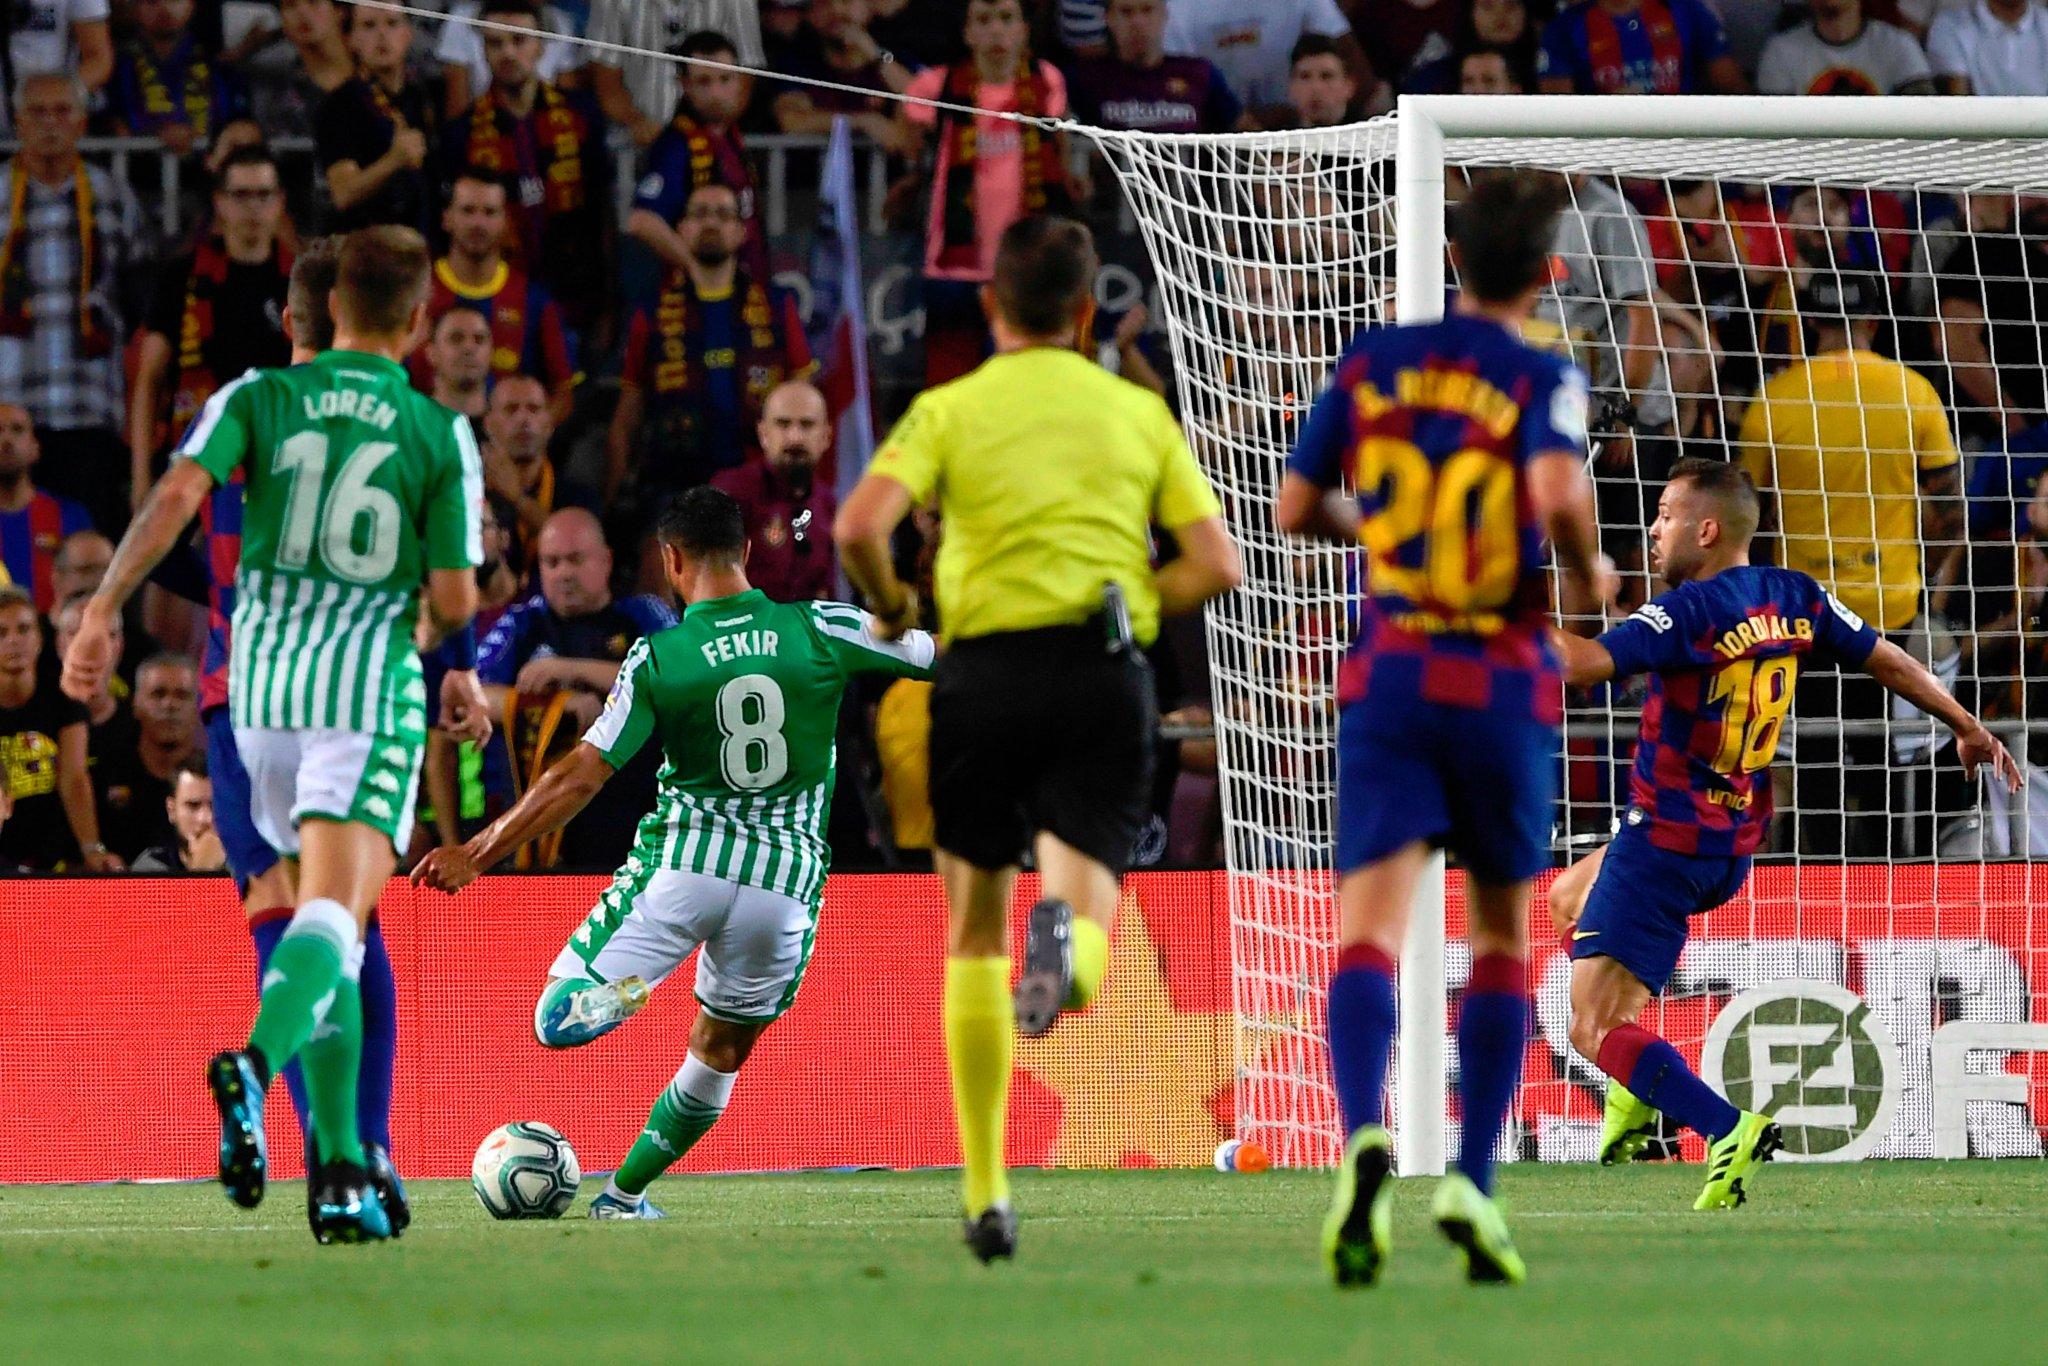 هدف ريال بيتيس في مرمى برشلونة